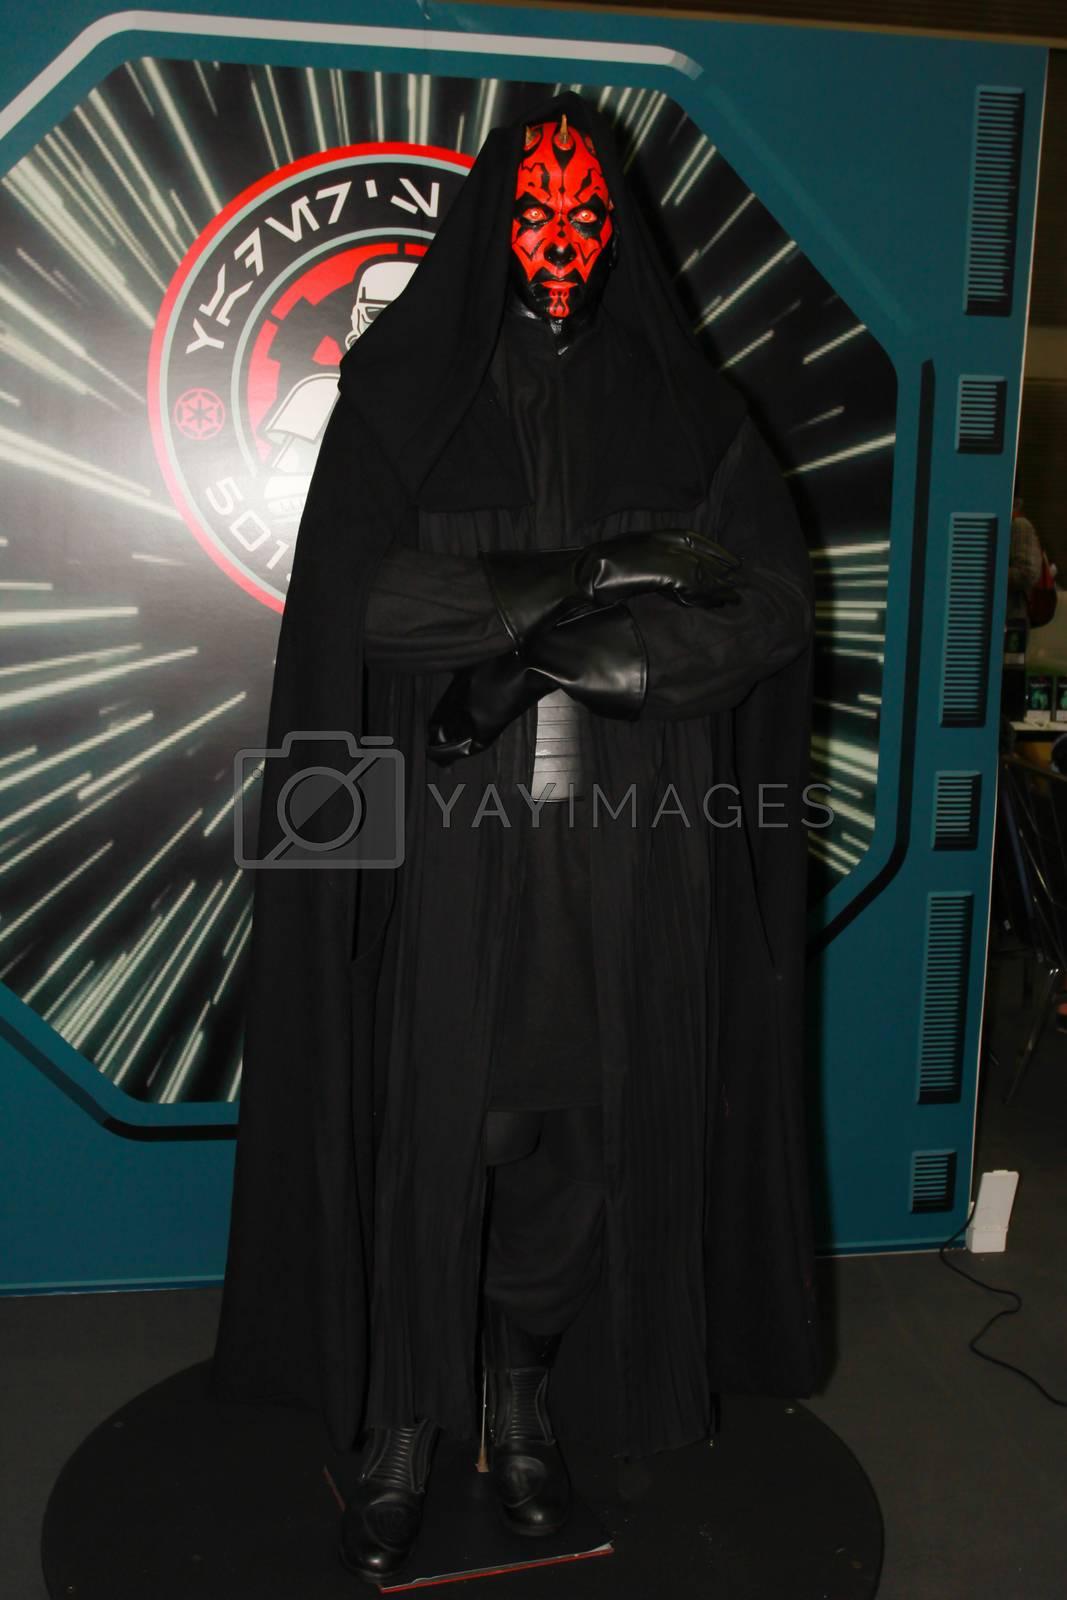 BANGKOK - MAY. 11: A Sith Lord model in Thailand Comic Con 2014 on May 11, 2014 at Siam Paragon, Bangkok, Thailand.